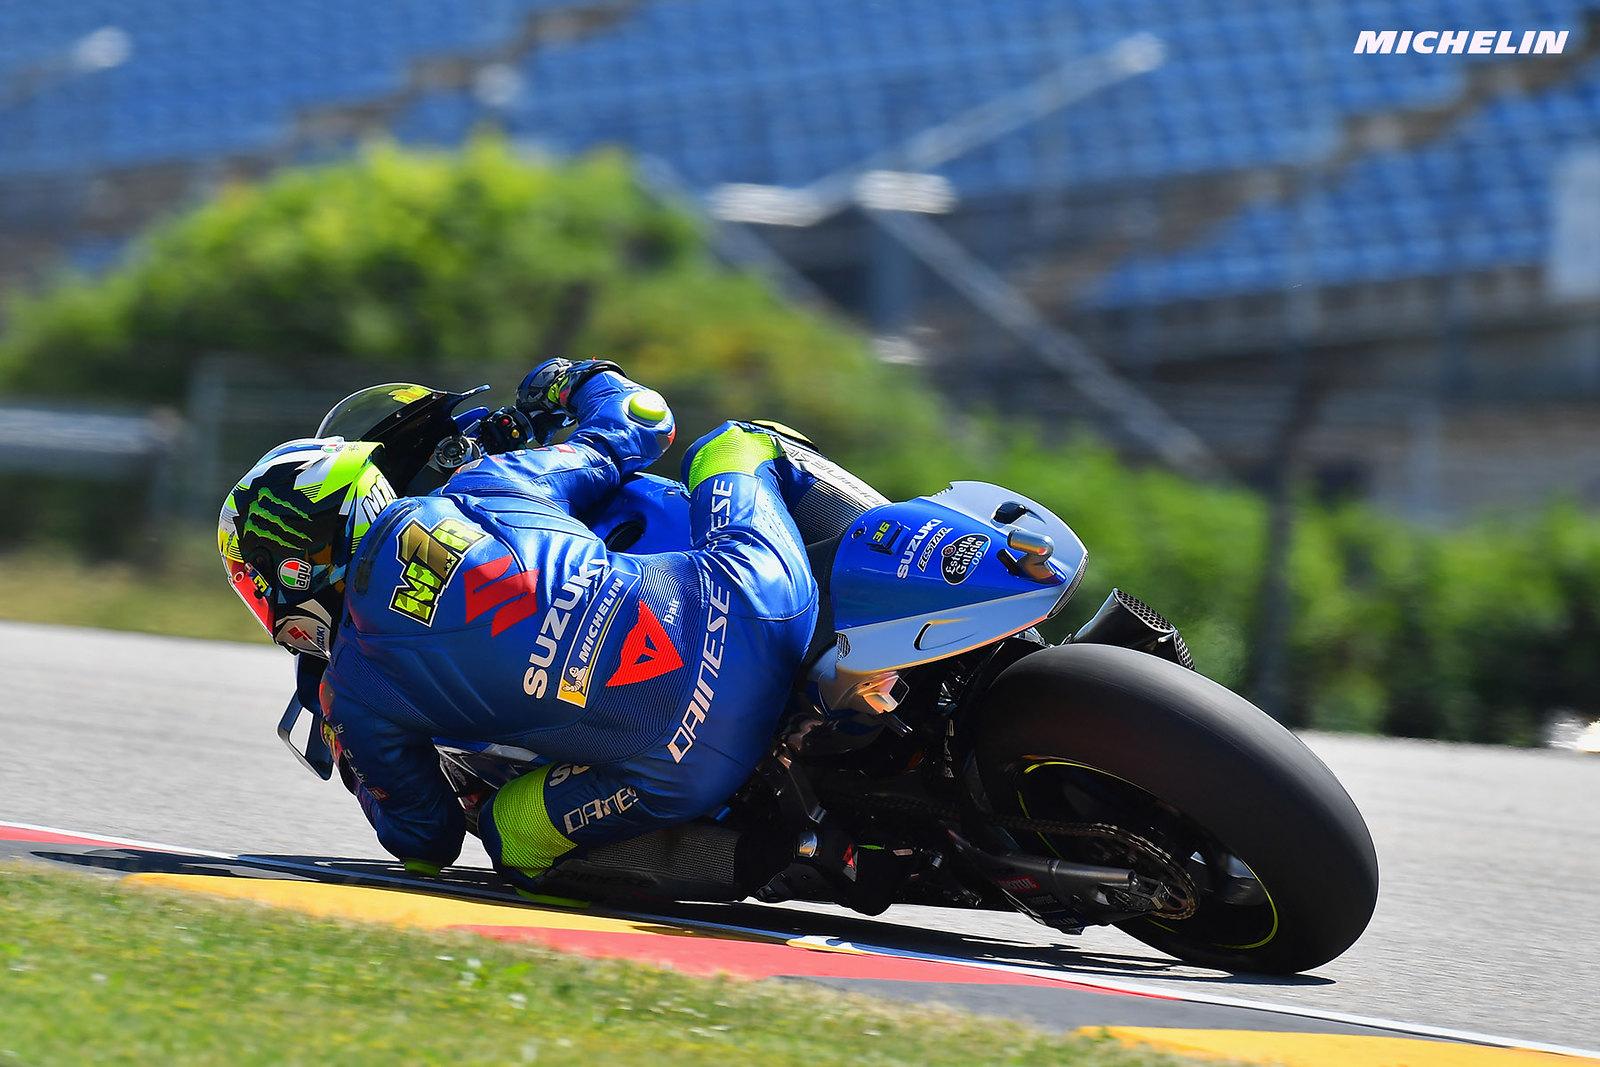 MotoGP2021 ドイツGP 初日総合16位ジョアン・ミル「フロントにプッシュ出来るフィーリングがない」